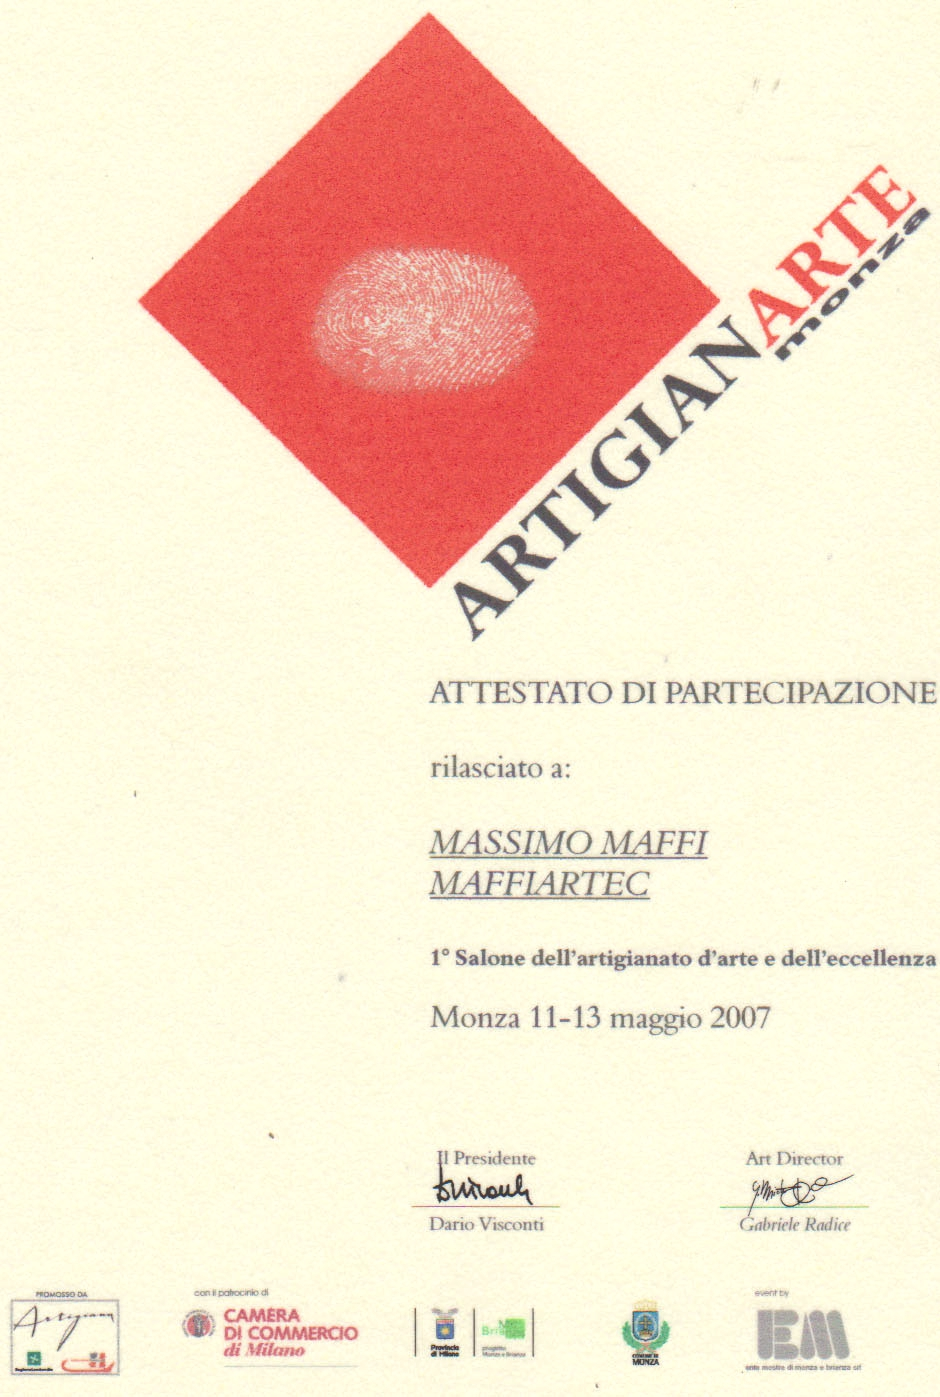 2007 ARTIGIANARTE  Monza Brianza